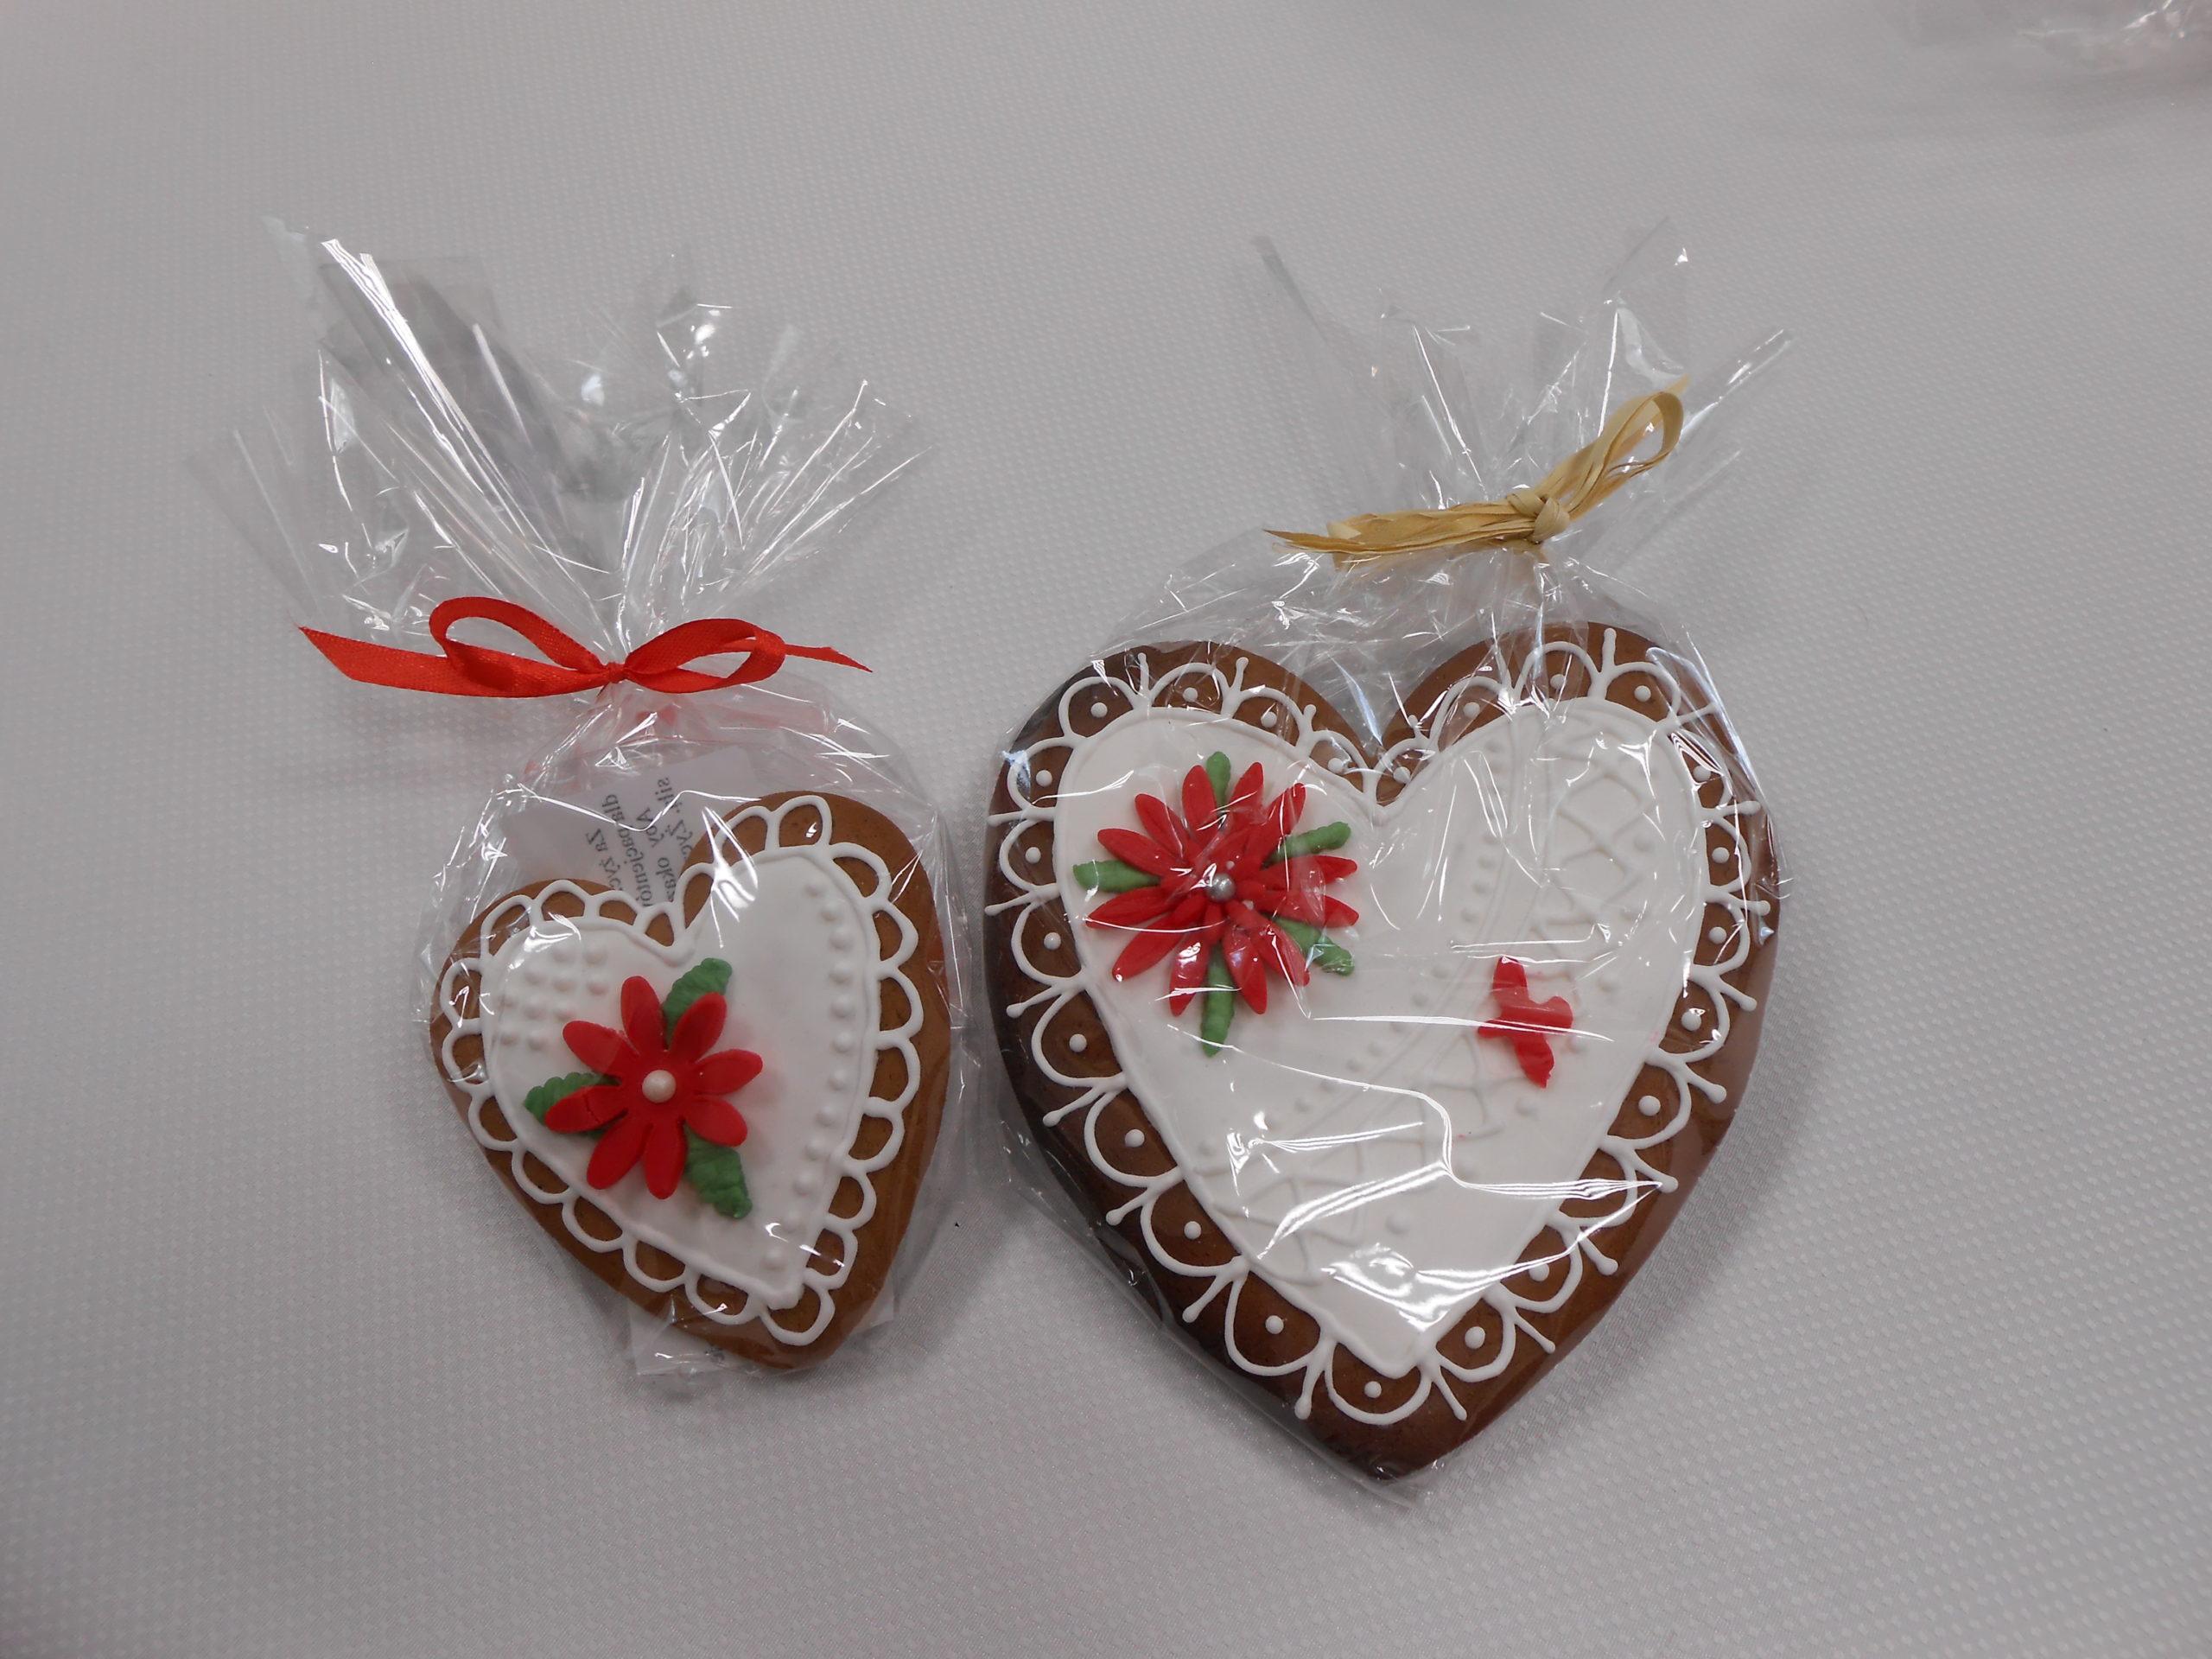 Słodkie upominki dla pracowników szpitala - serca z piernika